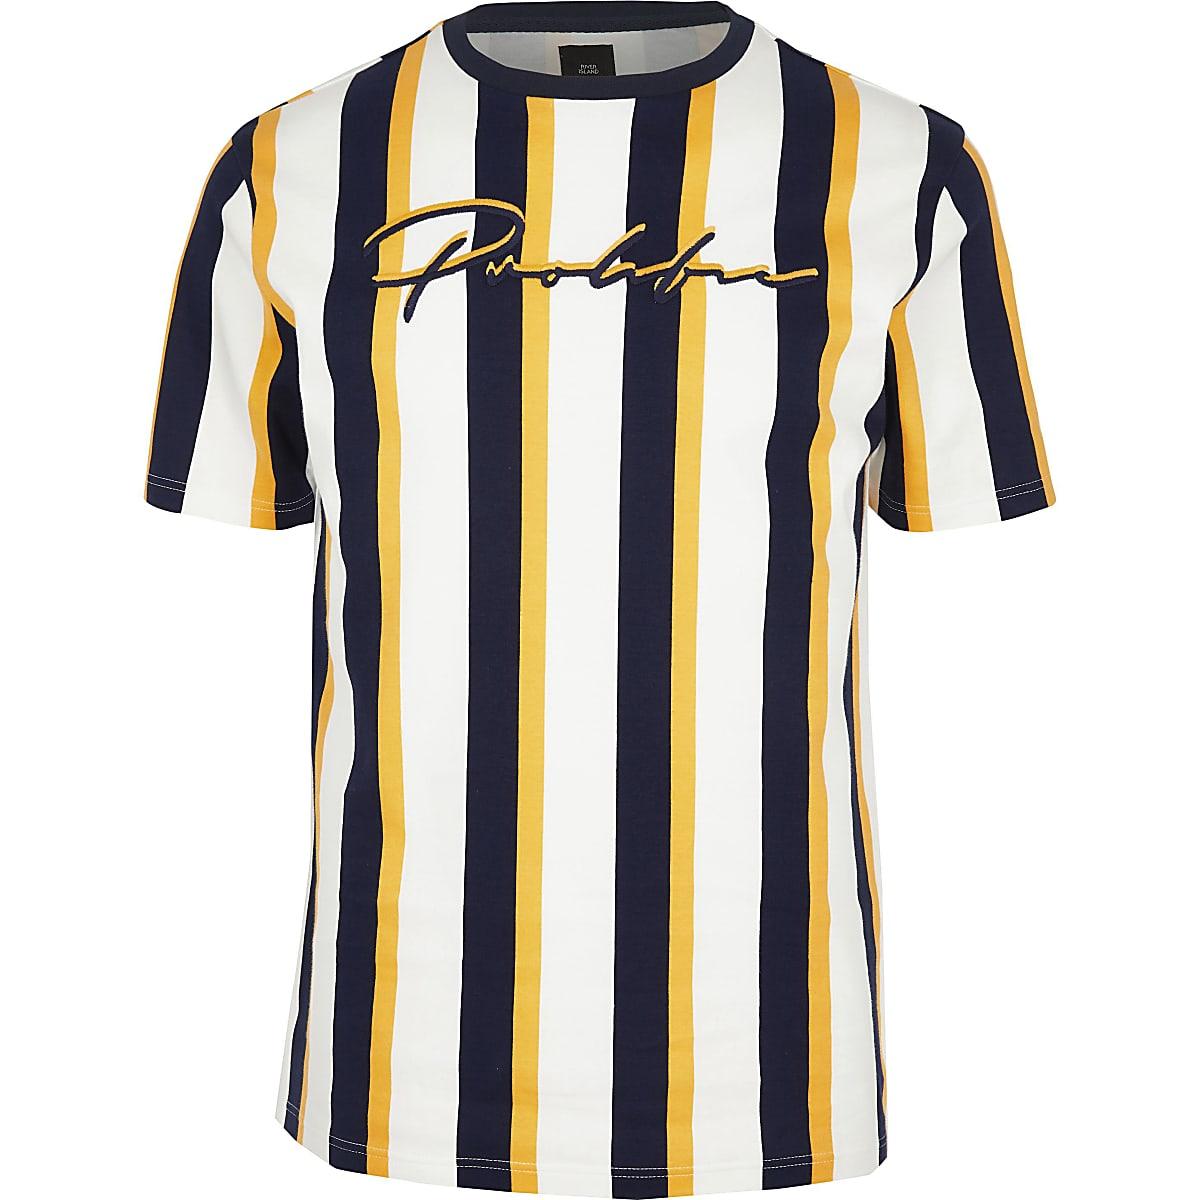 Big and Tall 'Prolific' slim fit T-shirt